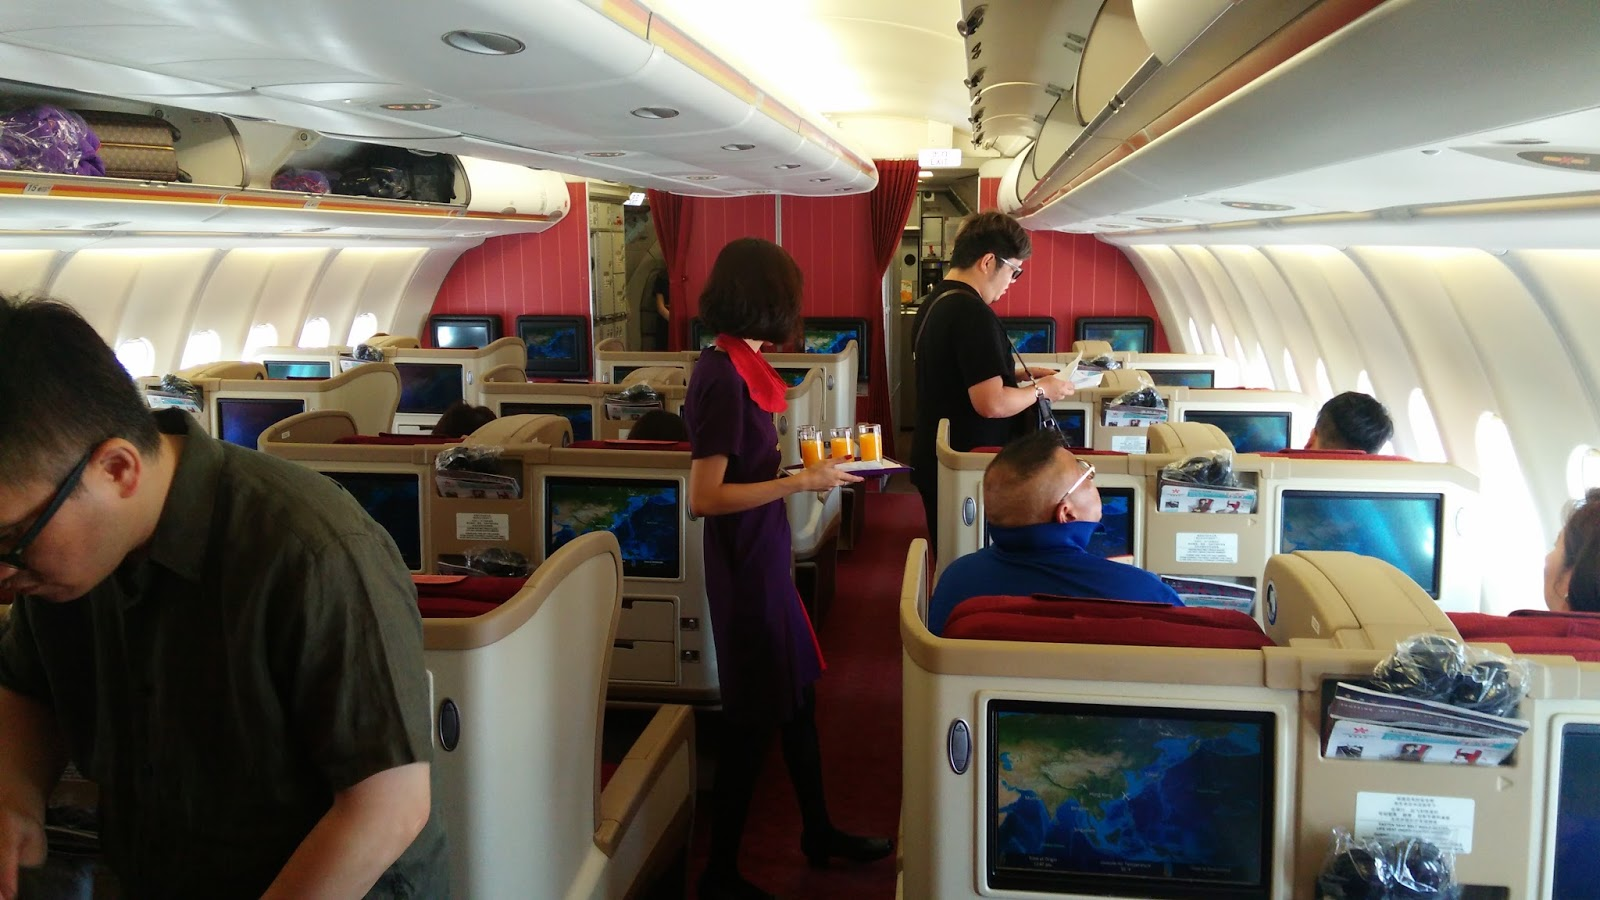 黑老闆說︱香港航空A330-300商務艙採2-2-2布局,很寬敞,紅色調裝潢很有中國風、吉祥味